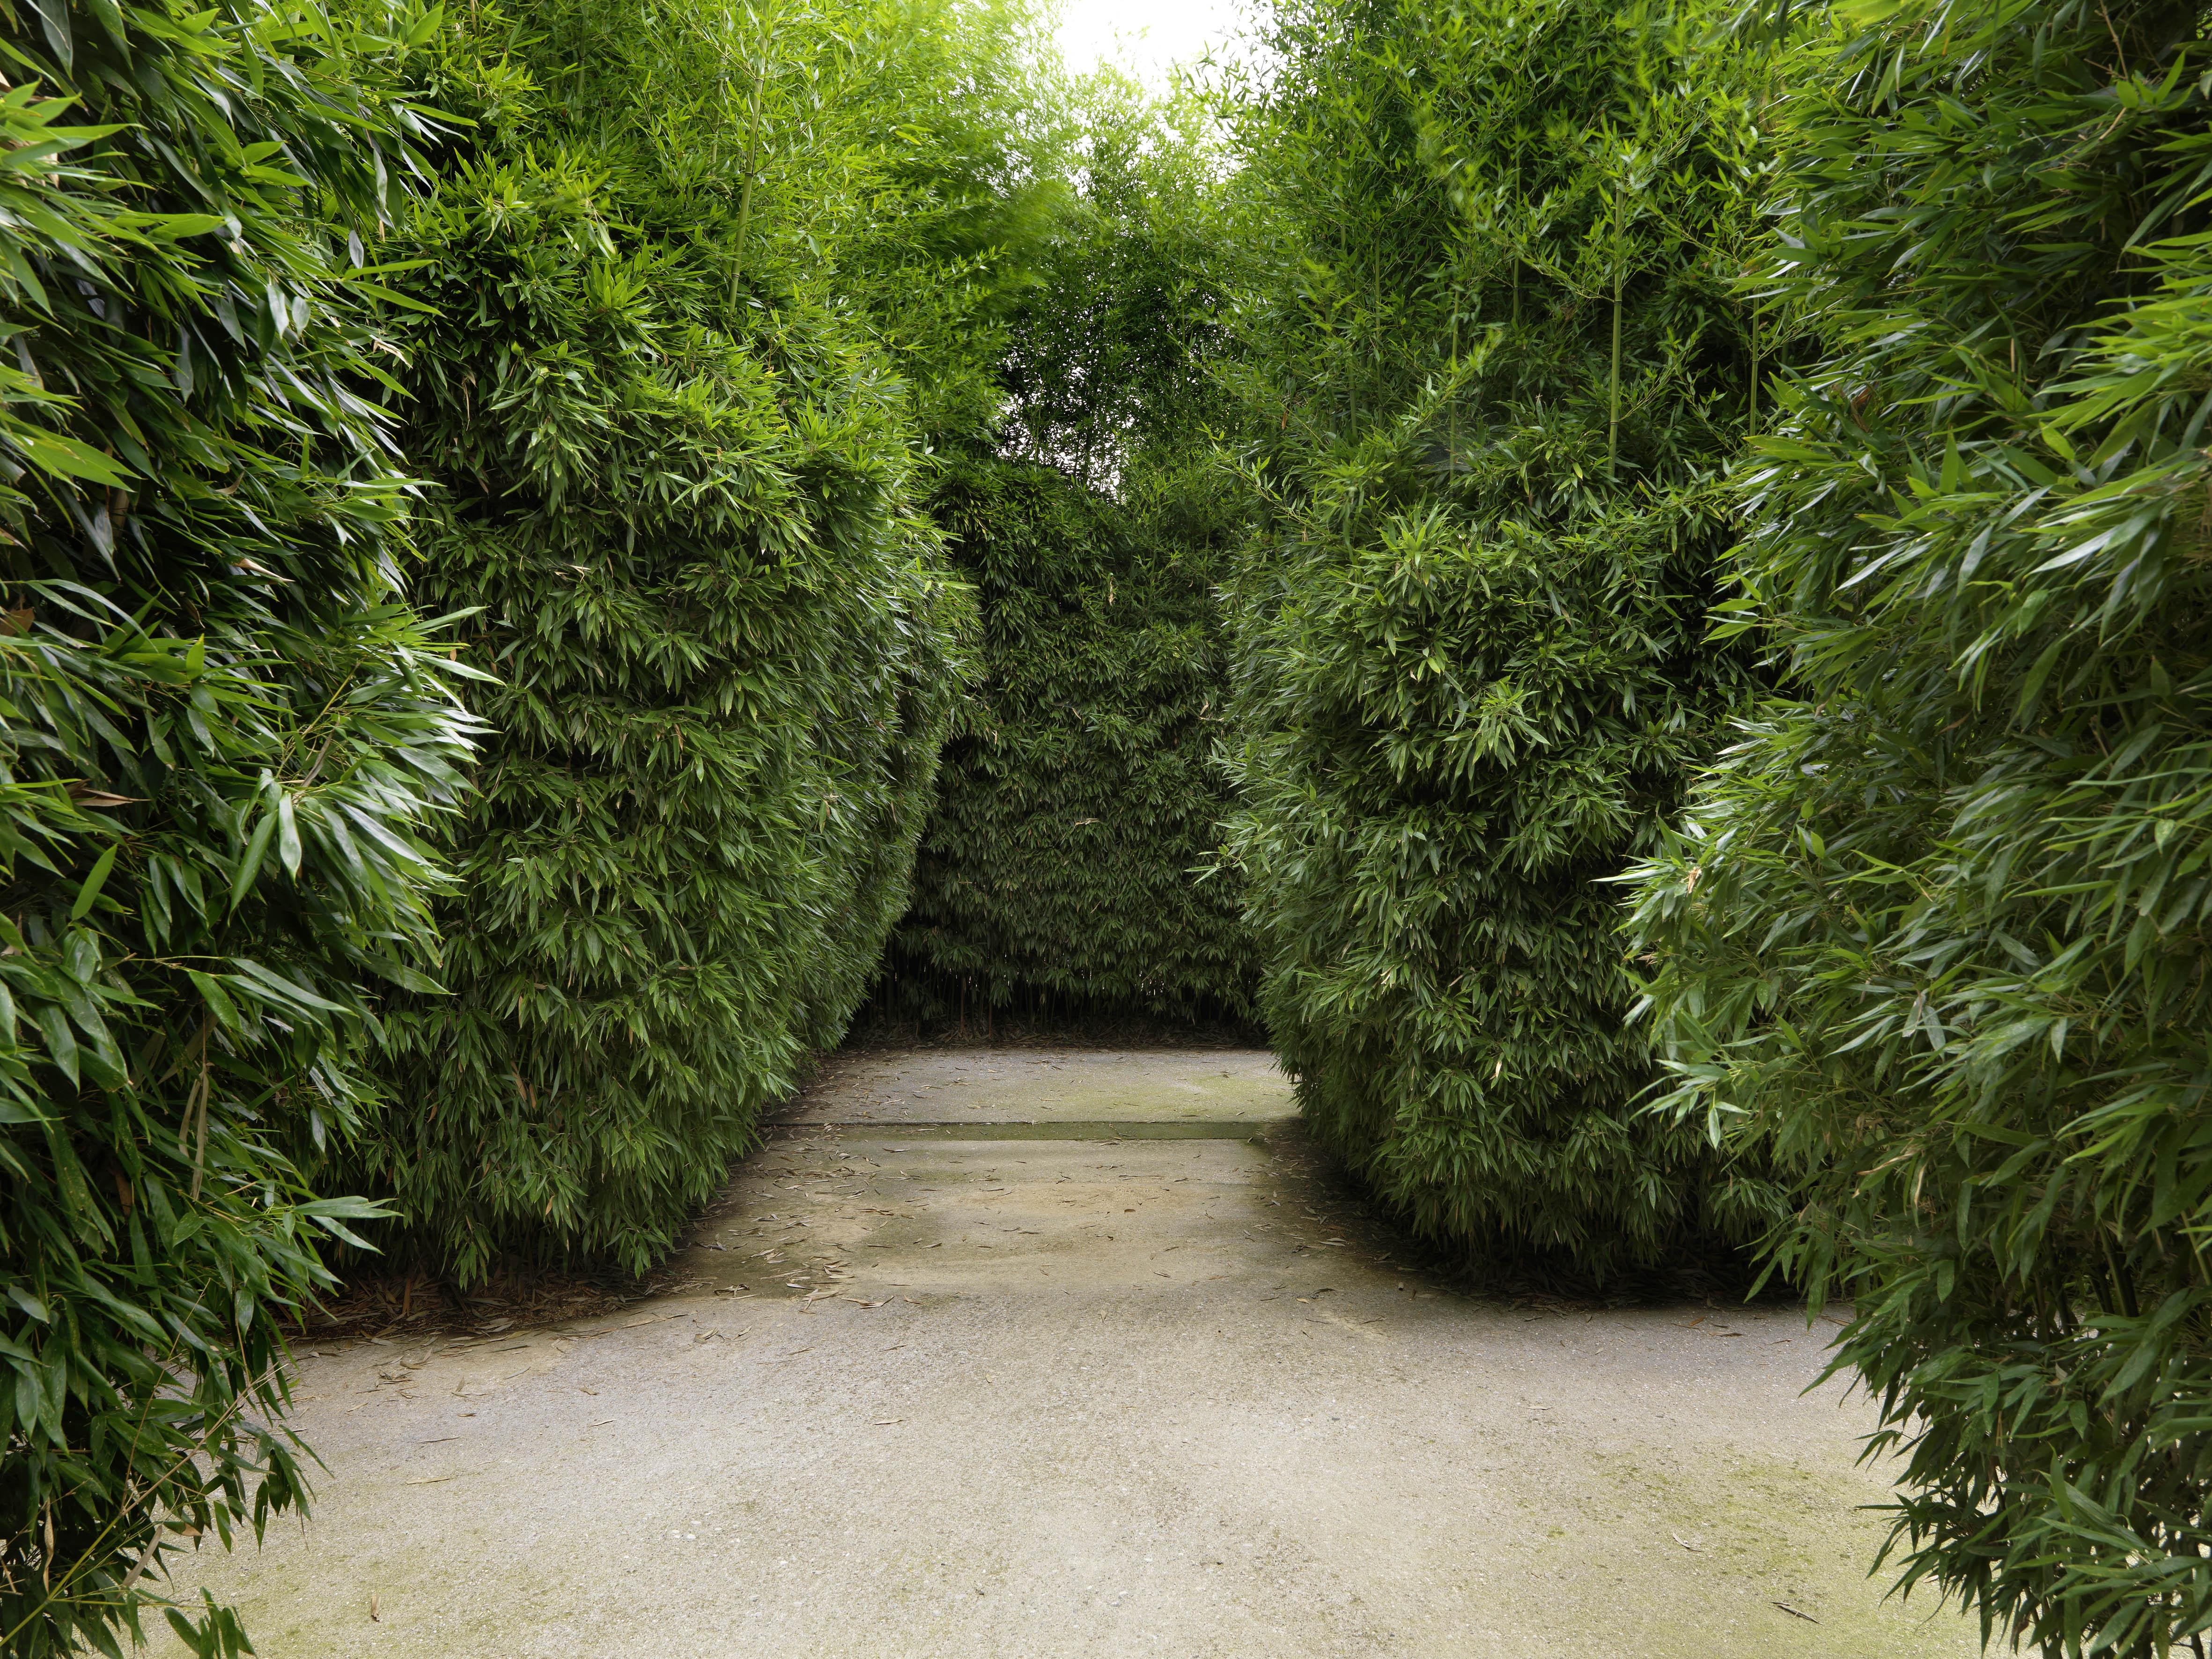 labirinto-0069-scorci-interni-del-labirinto-foto-di-massimo-listri